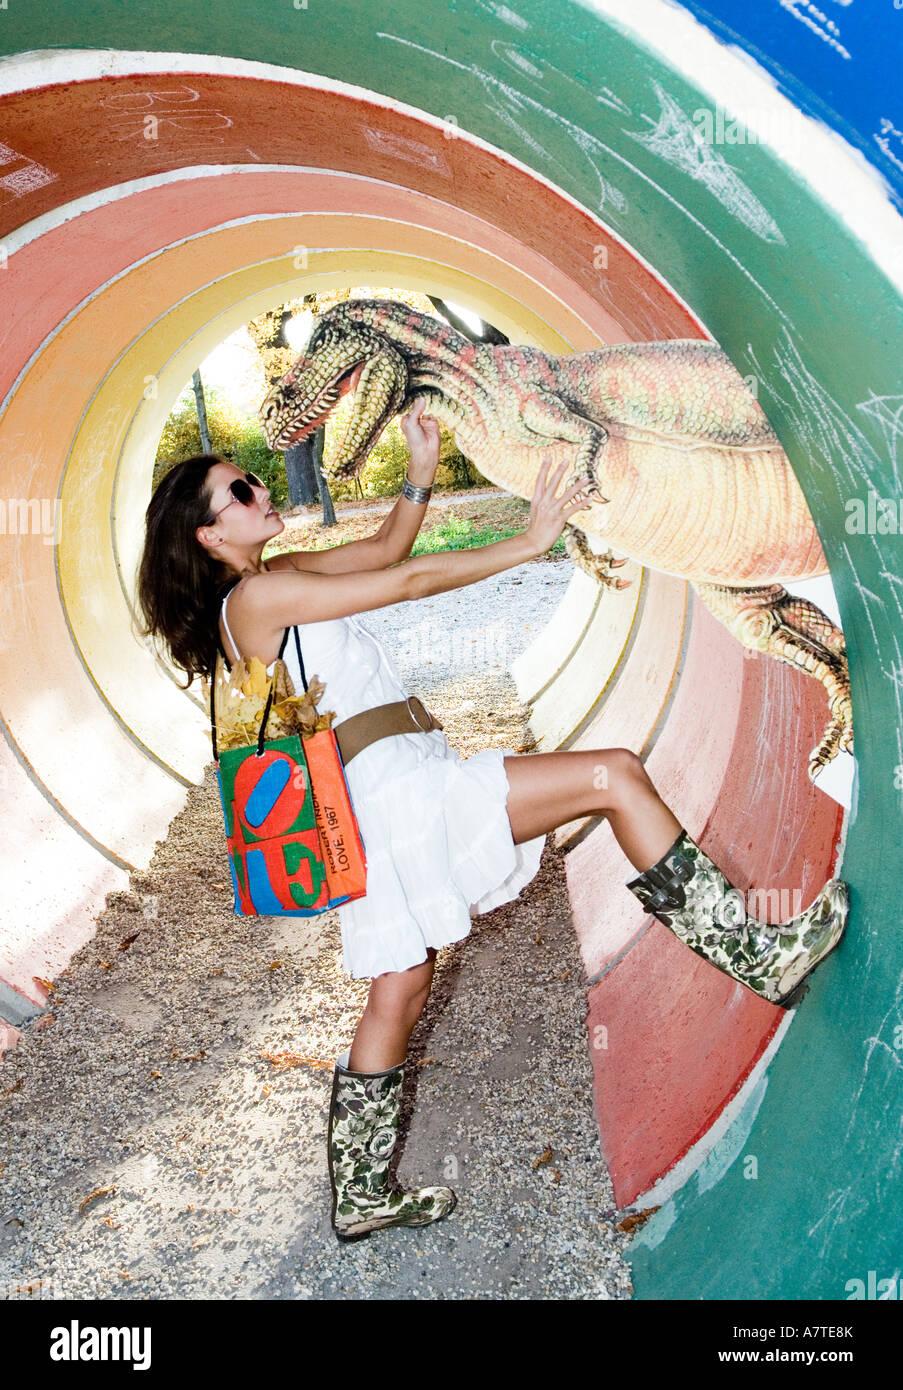 El perfil lateral de una joven posando con reptil de dinosaurio Imagen De Stock